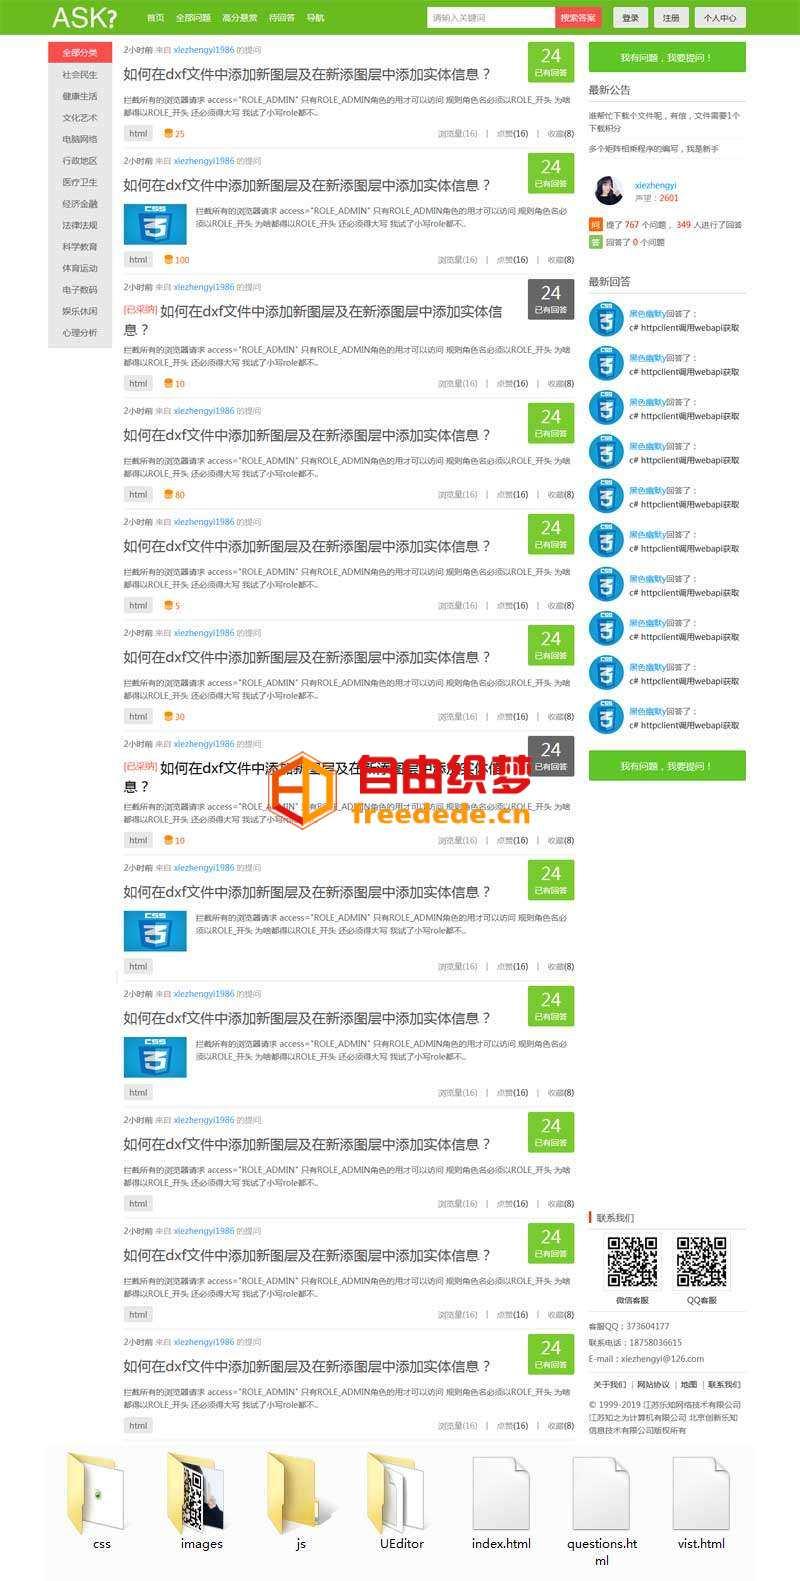 爱上源码网文章绿色的IT技术问答网页模板的内容插图